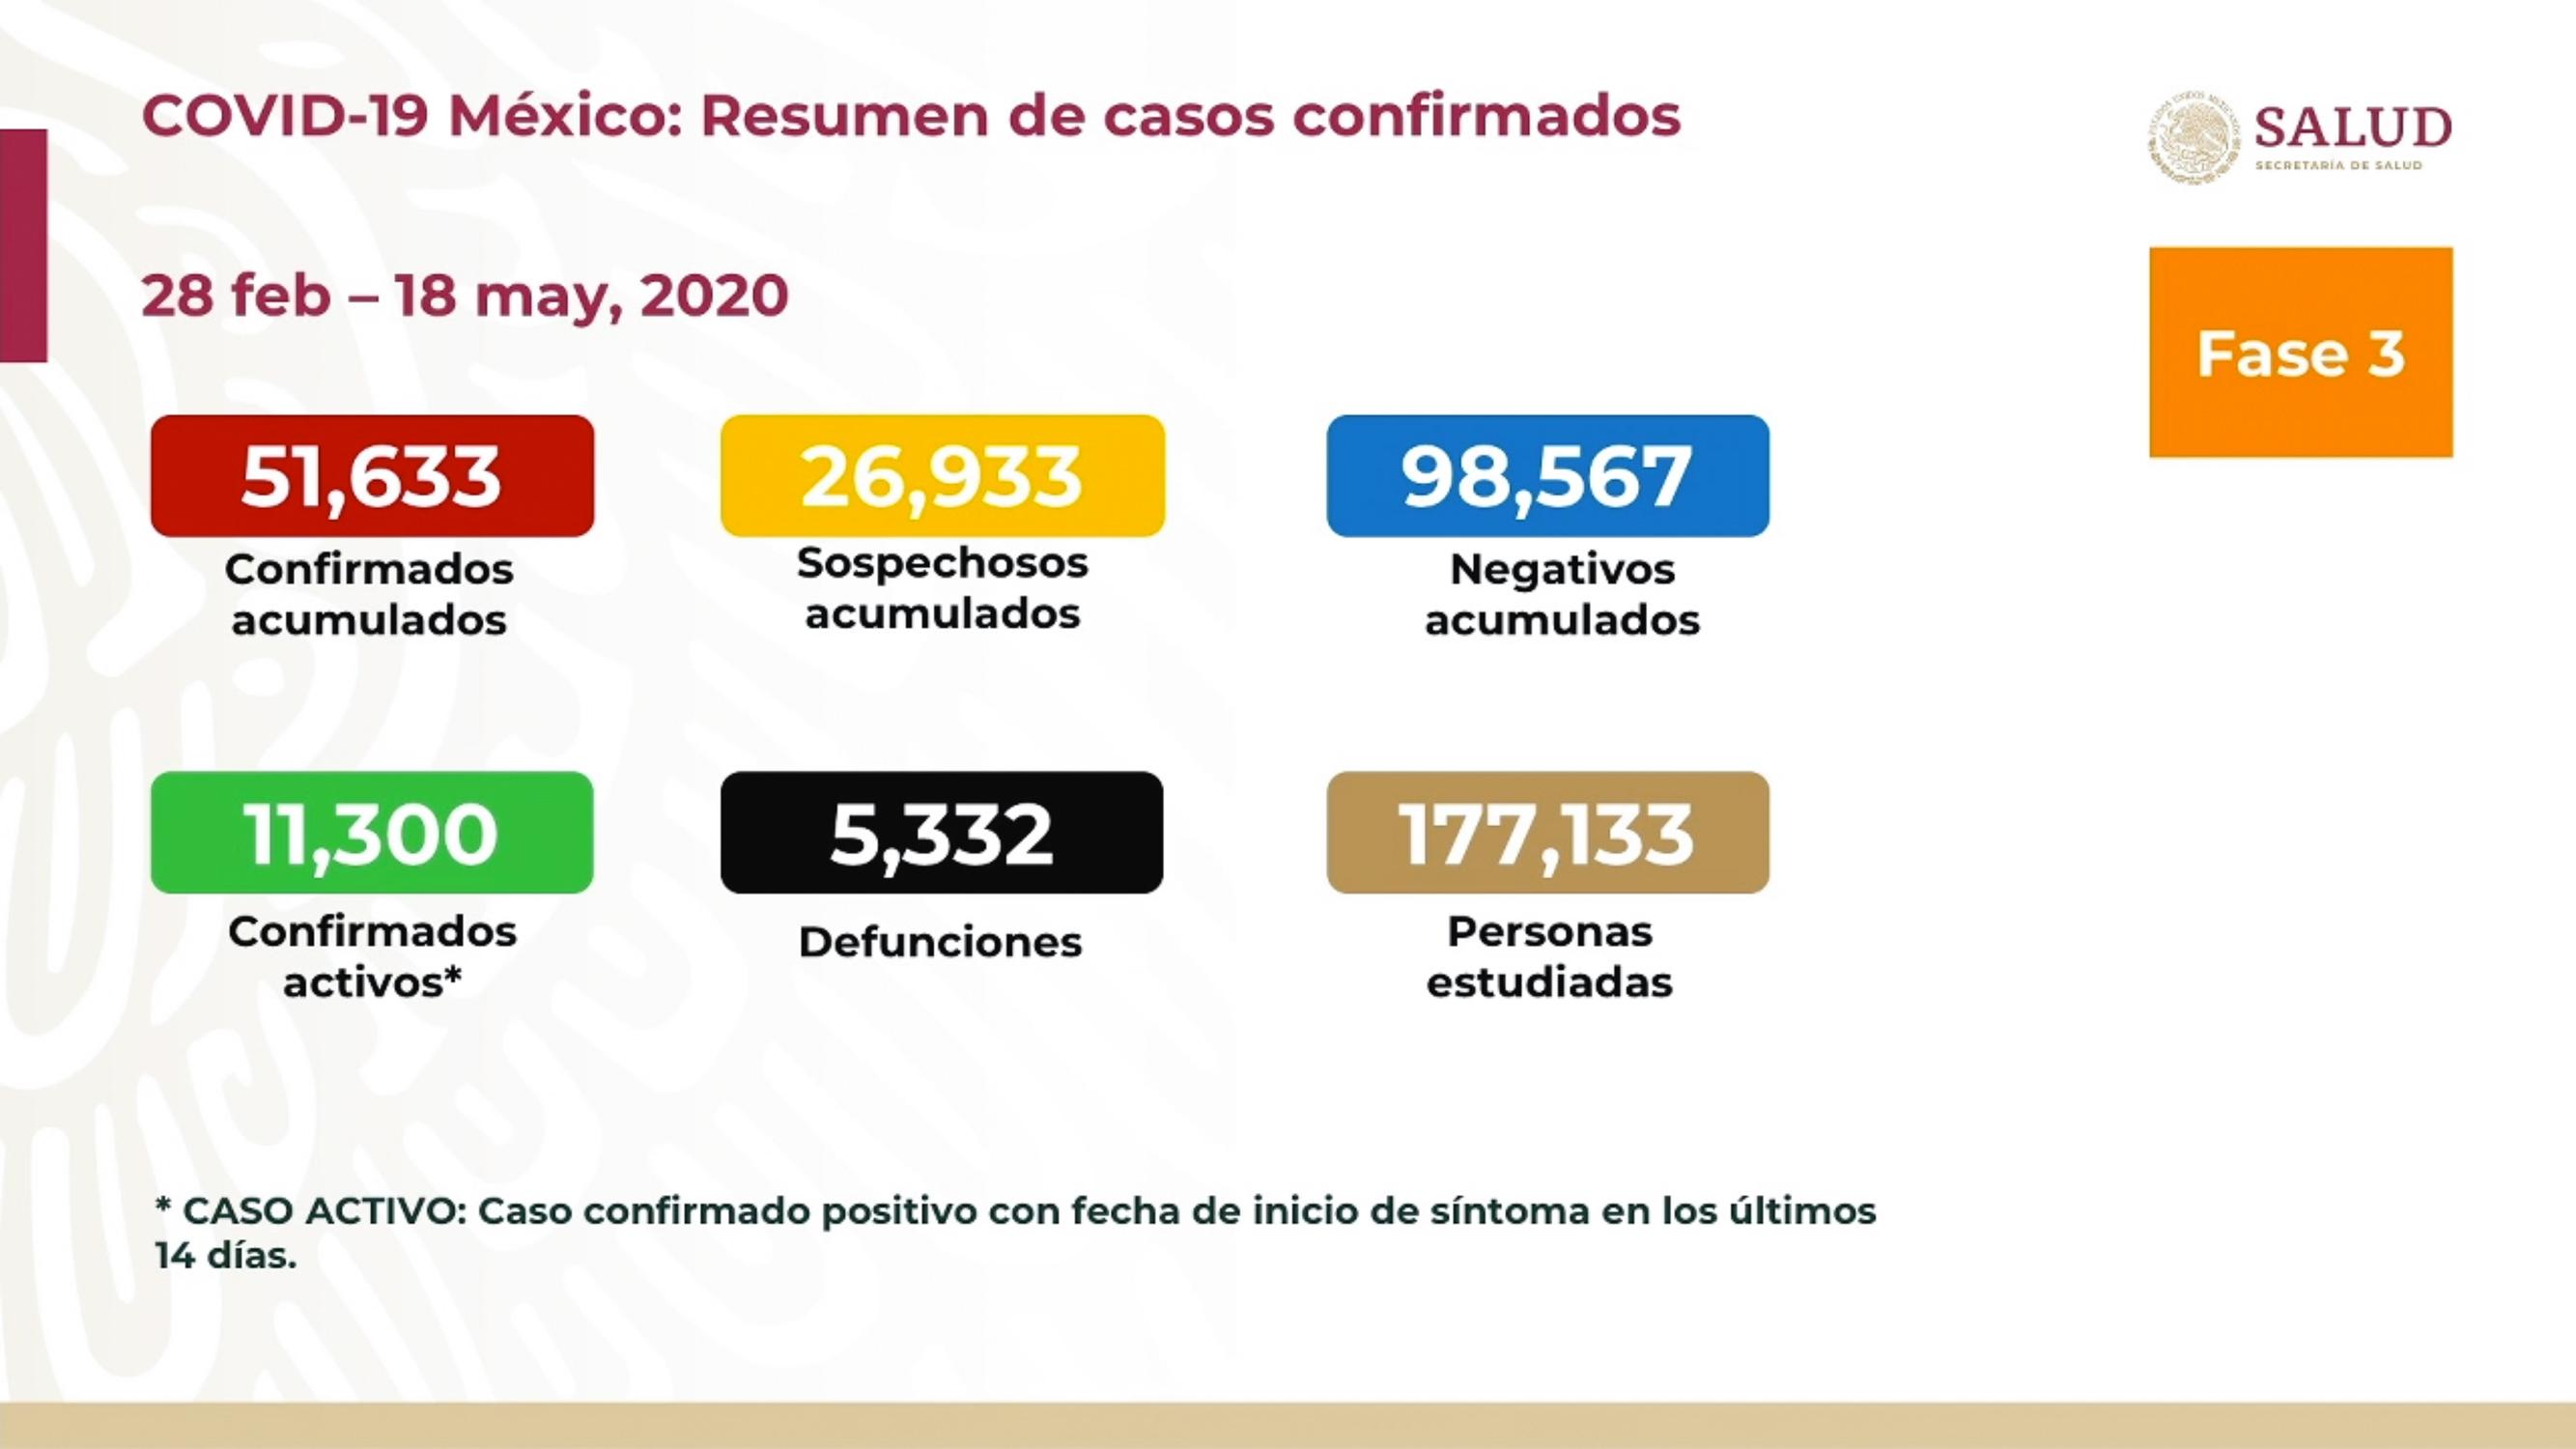 SUMAN 5 MIL 332 DEFUNCIONES POR COVID-19 EN MÉXICO